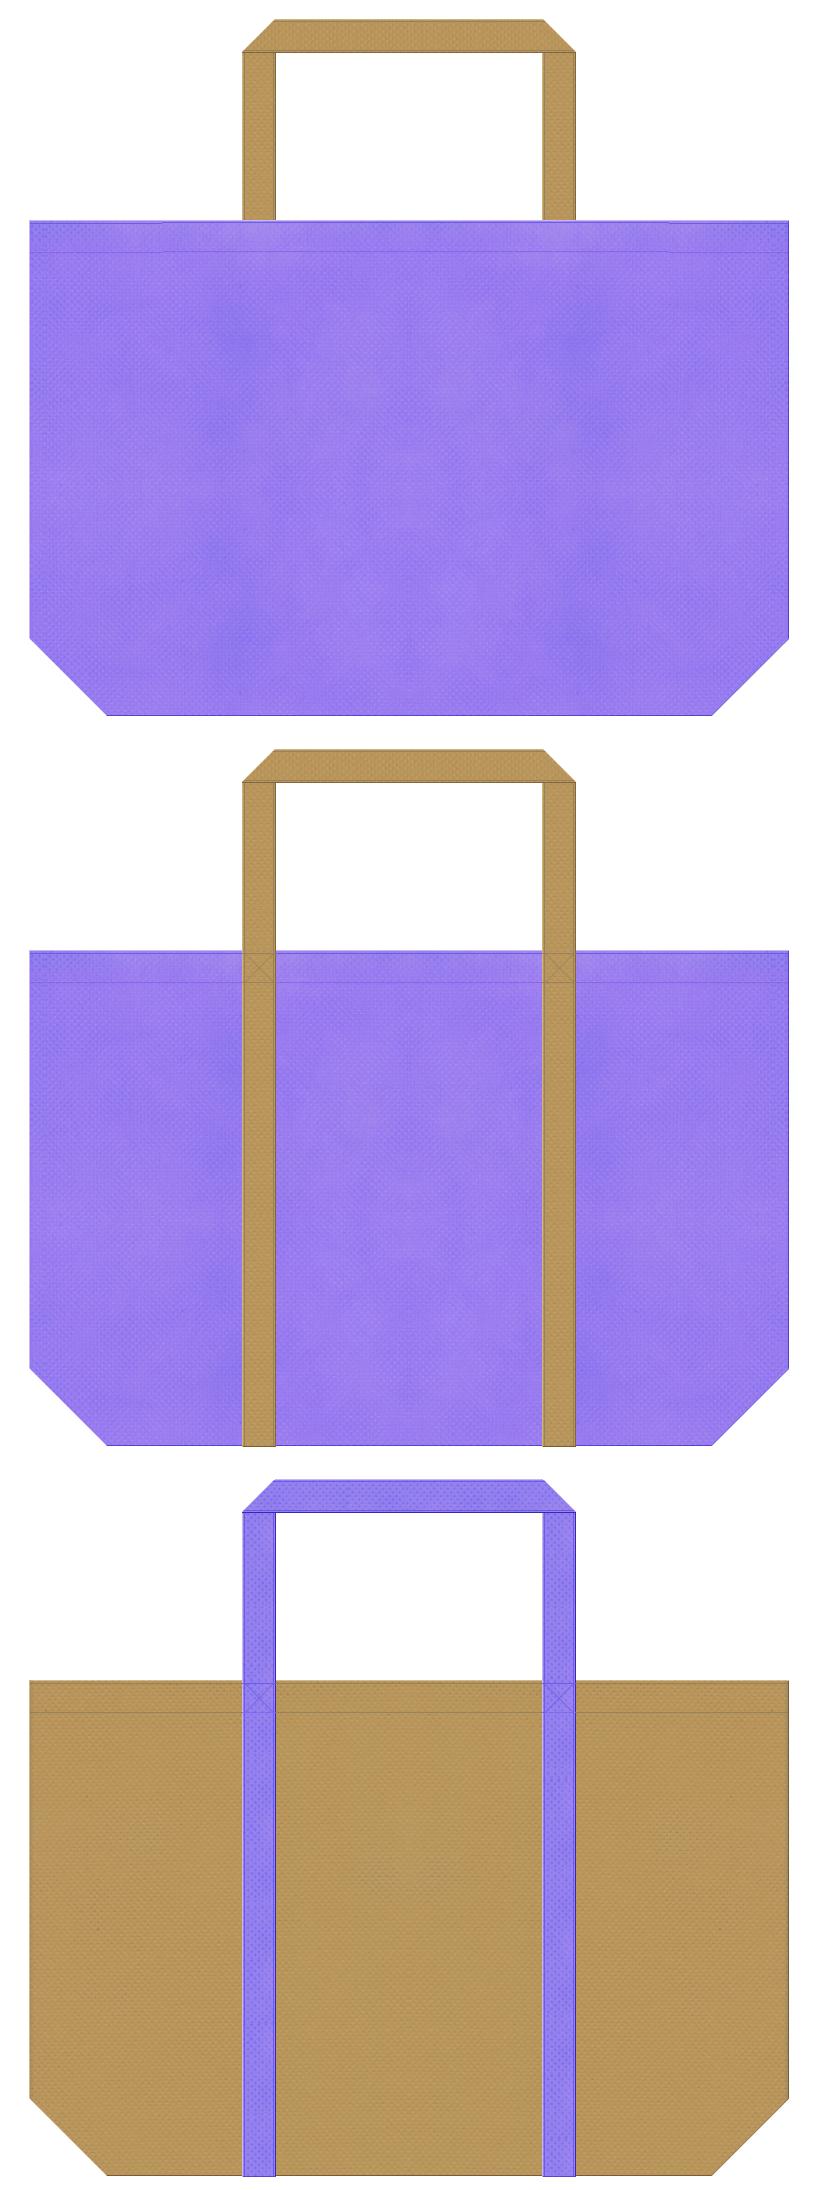 薄紫色と金色系黄土色の不織布ショッピングバッグデザイン。